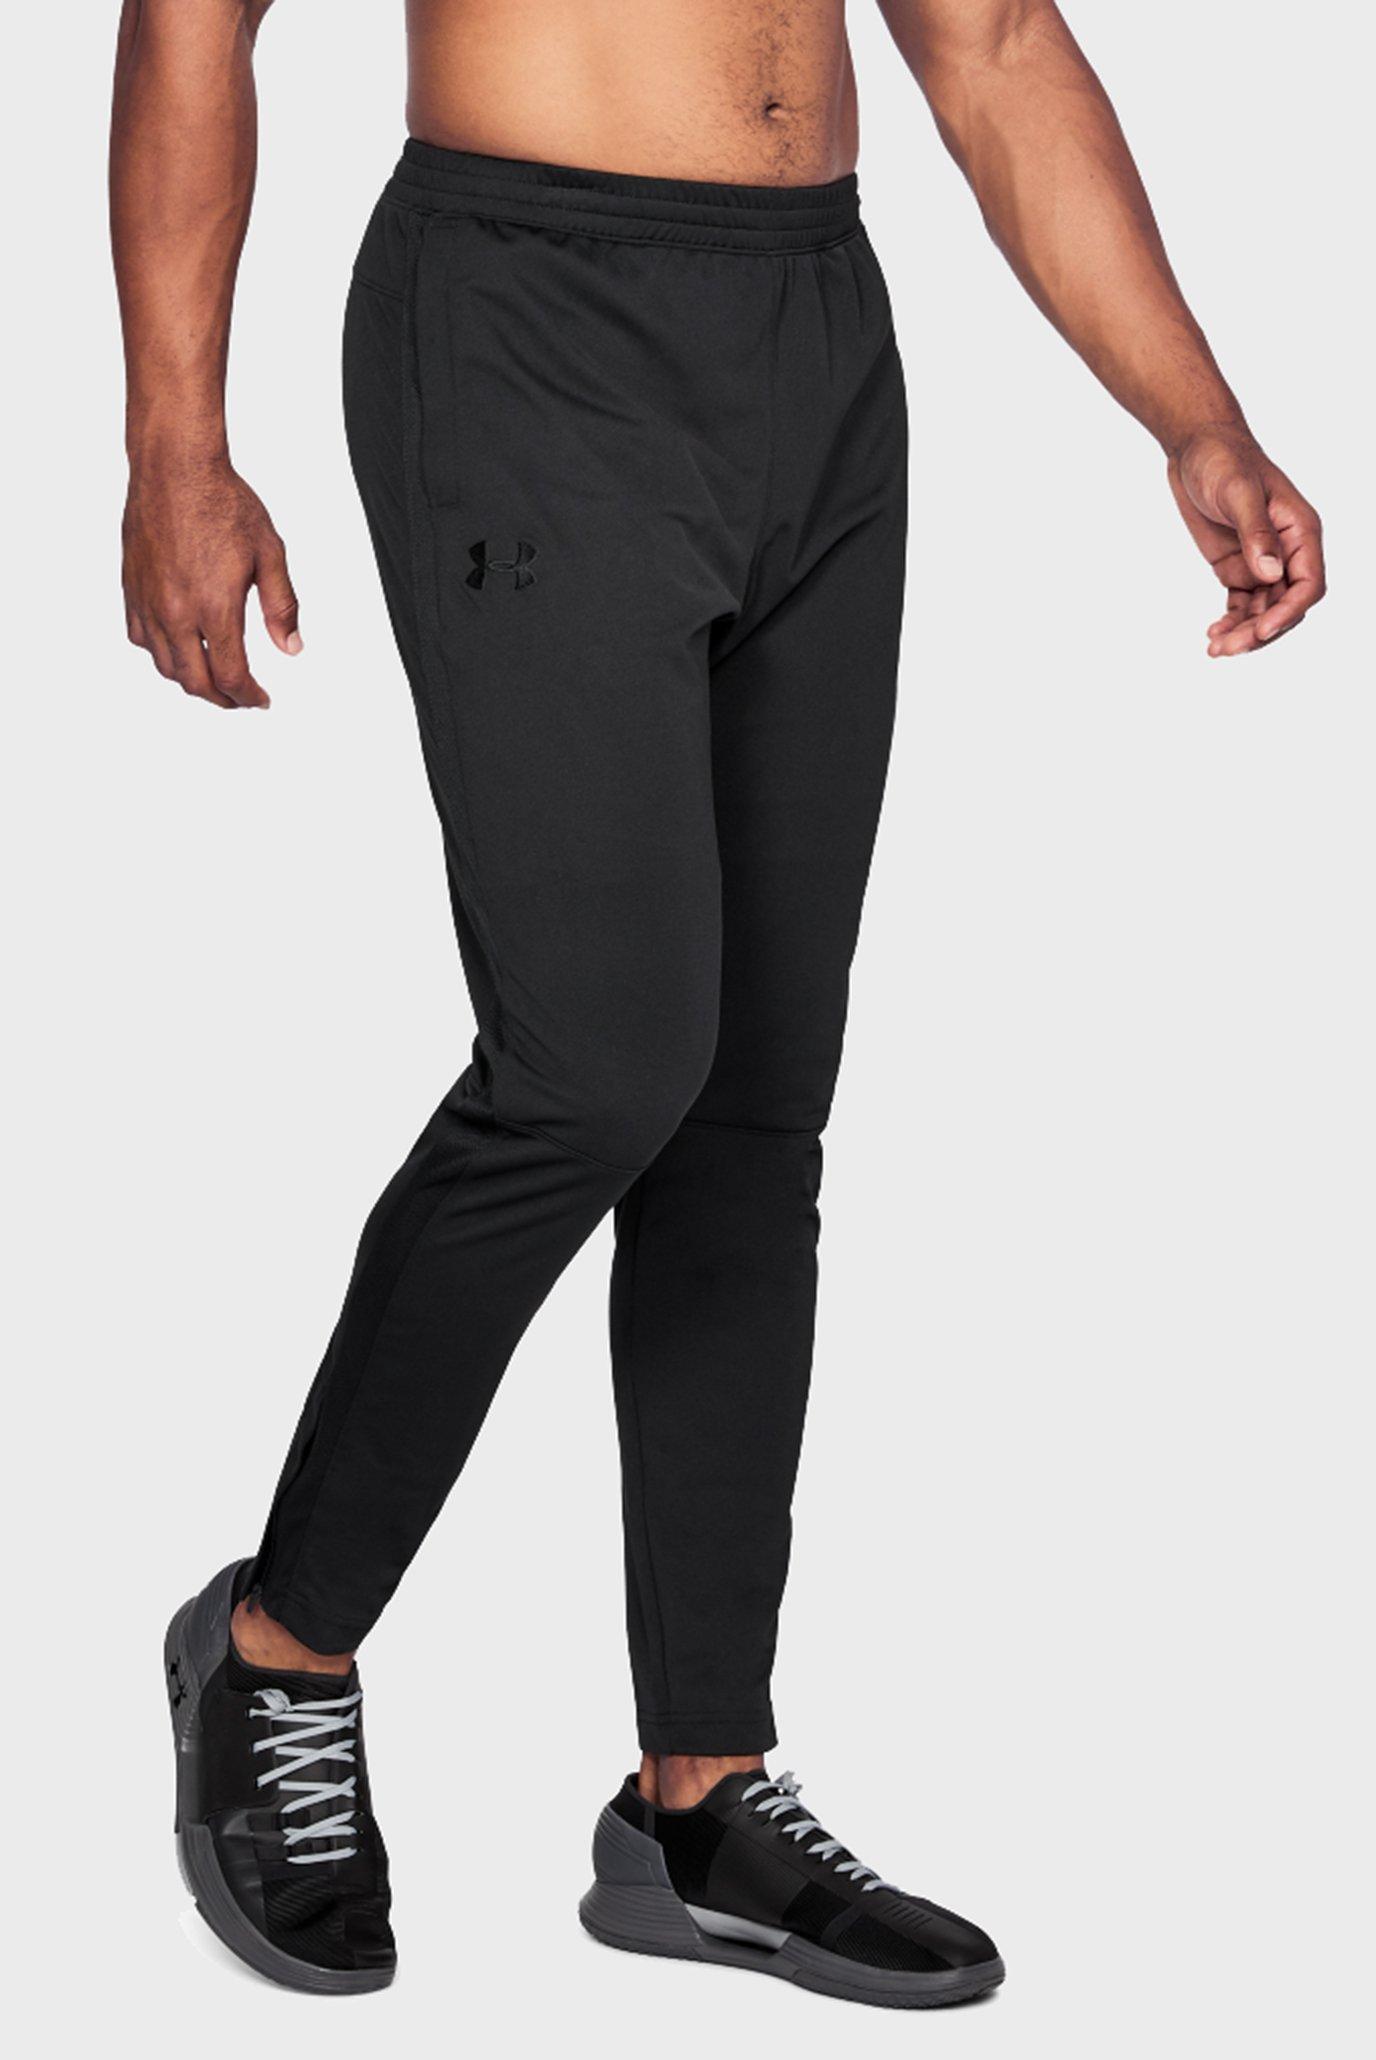 Чоловічі чорні спортивні штани SPORTSTYLE PIQUE TRACK PANT 1